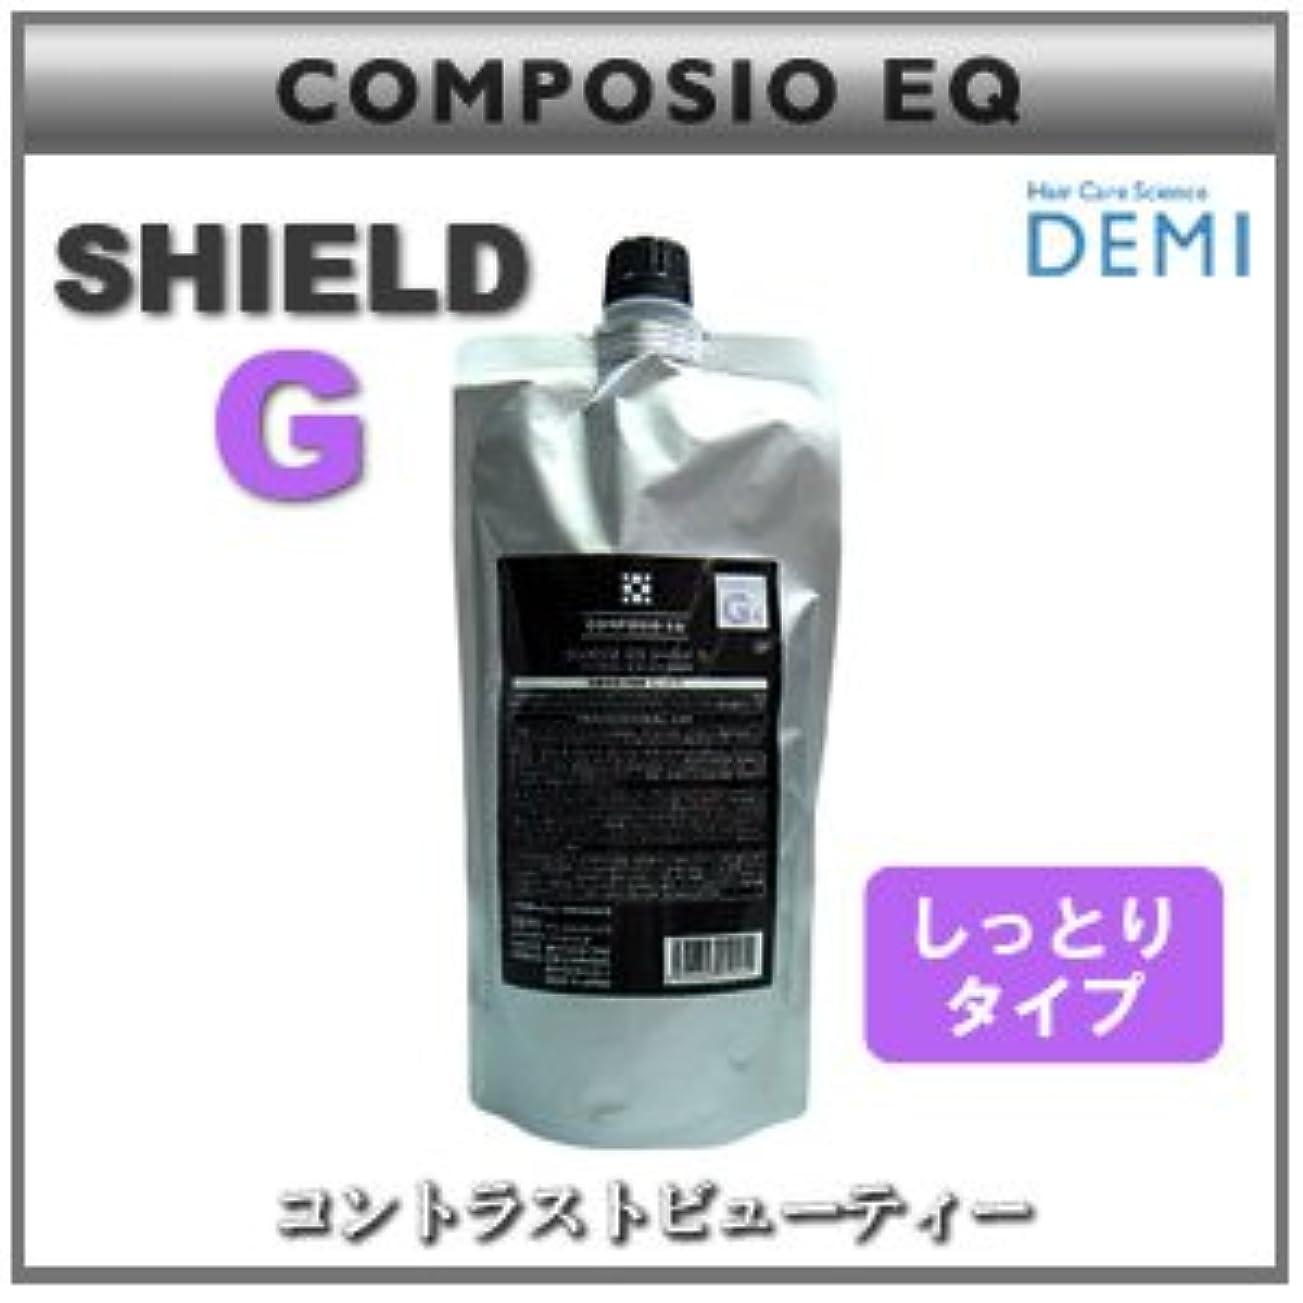 見積り感染する美人【X4個セット】 デミ コンポジオ EQ シールド G 450g